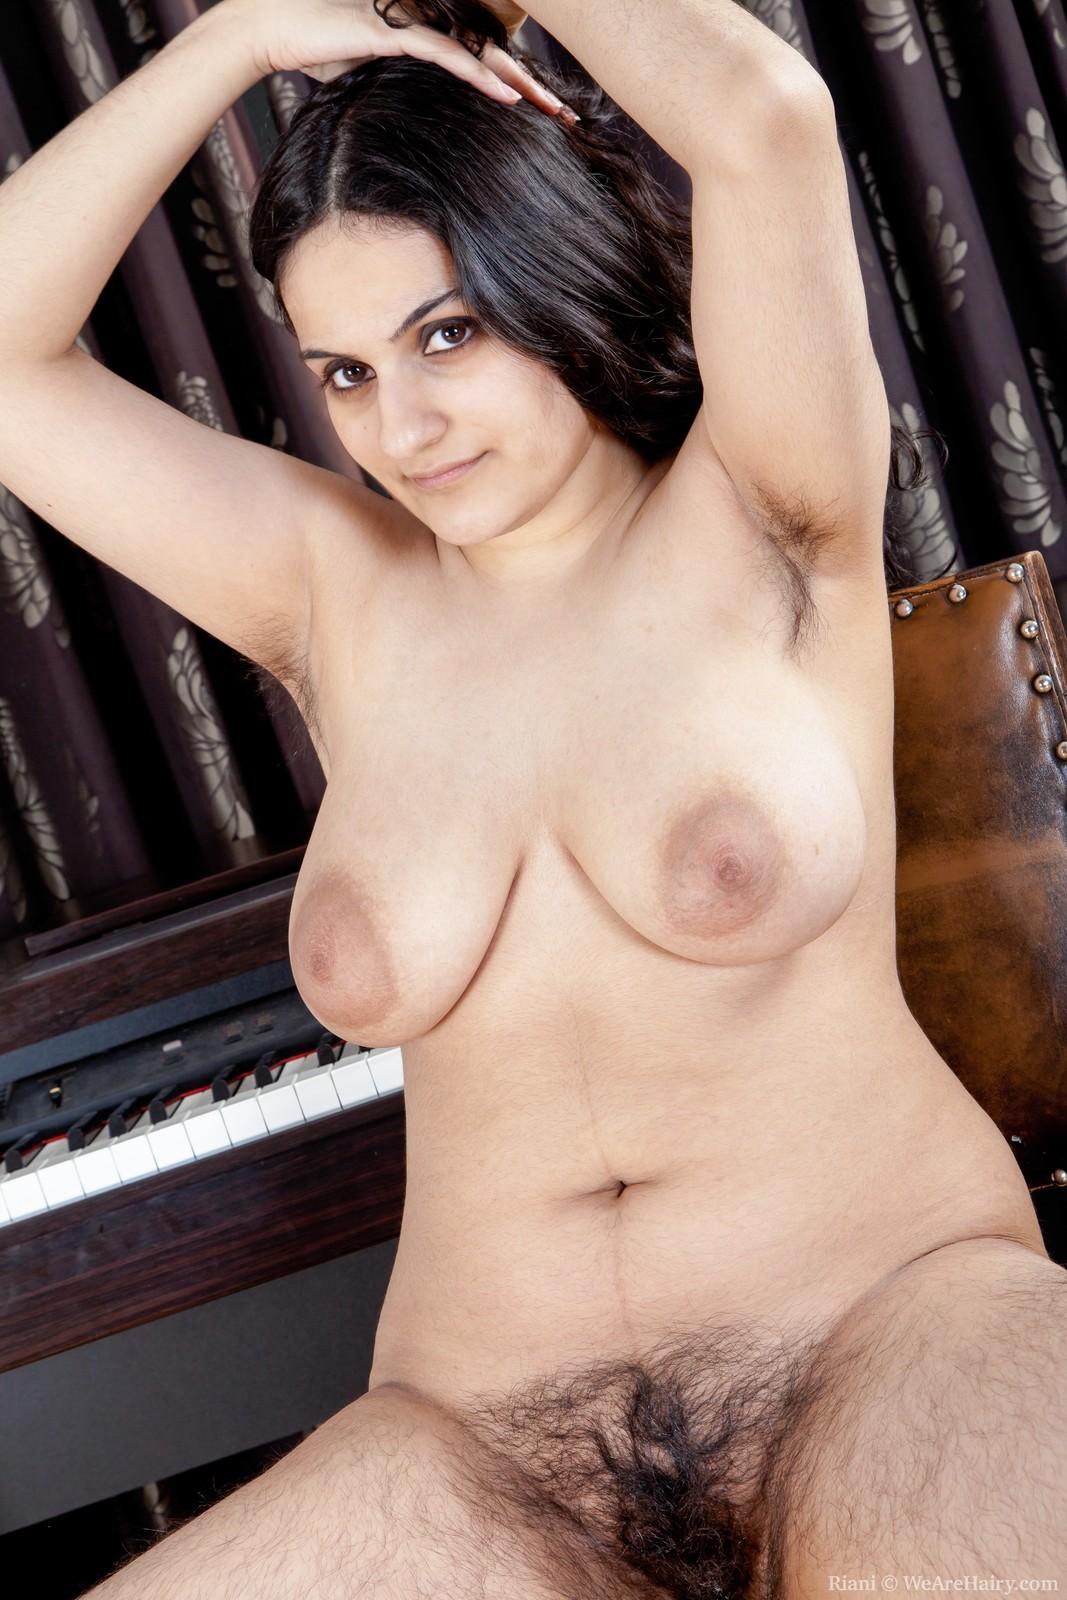 hot nude beach body girl